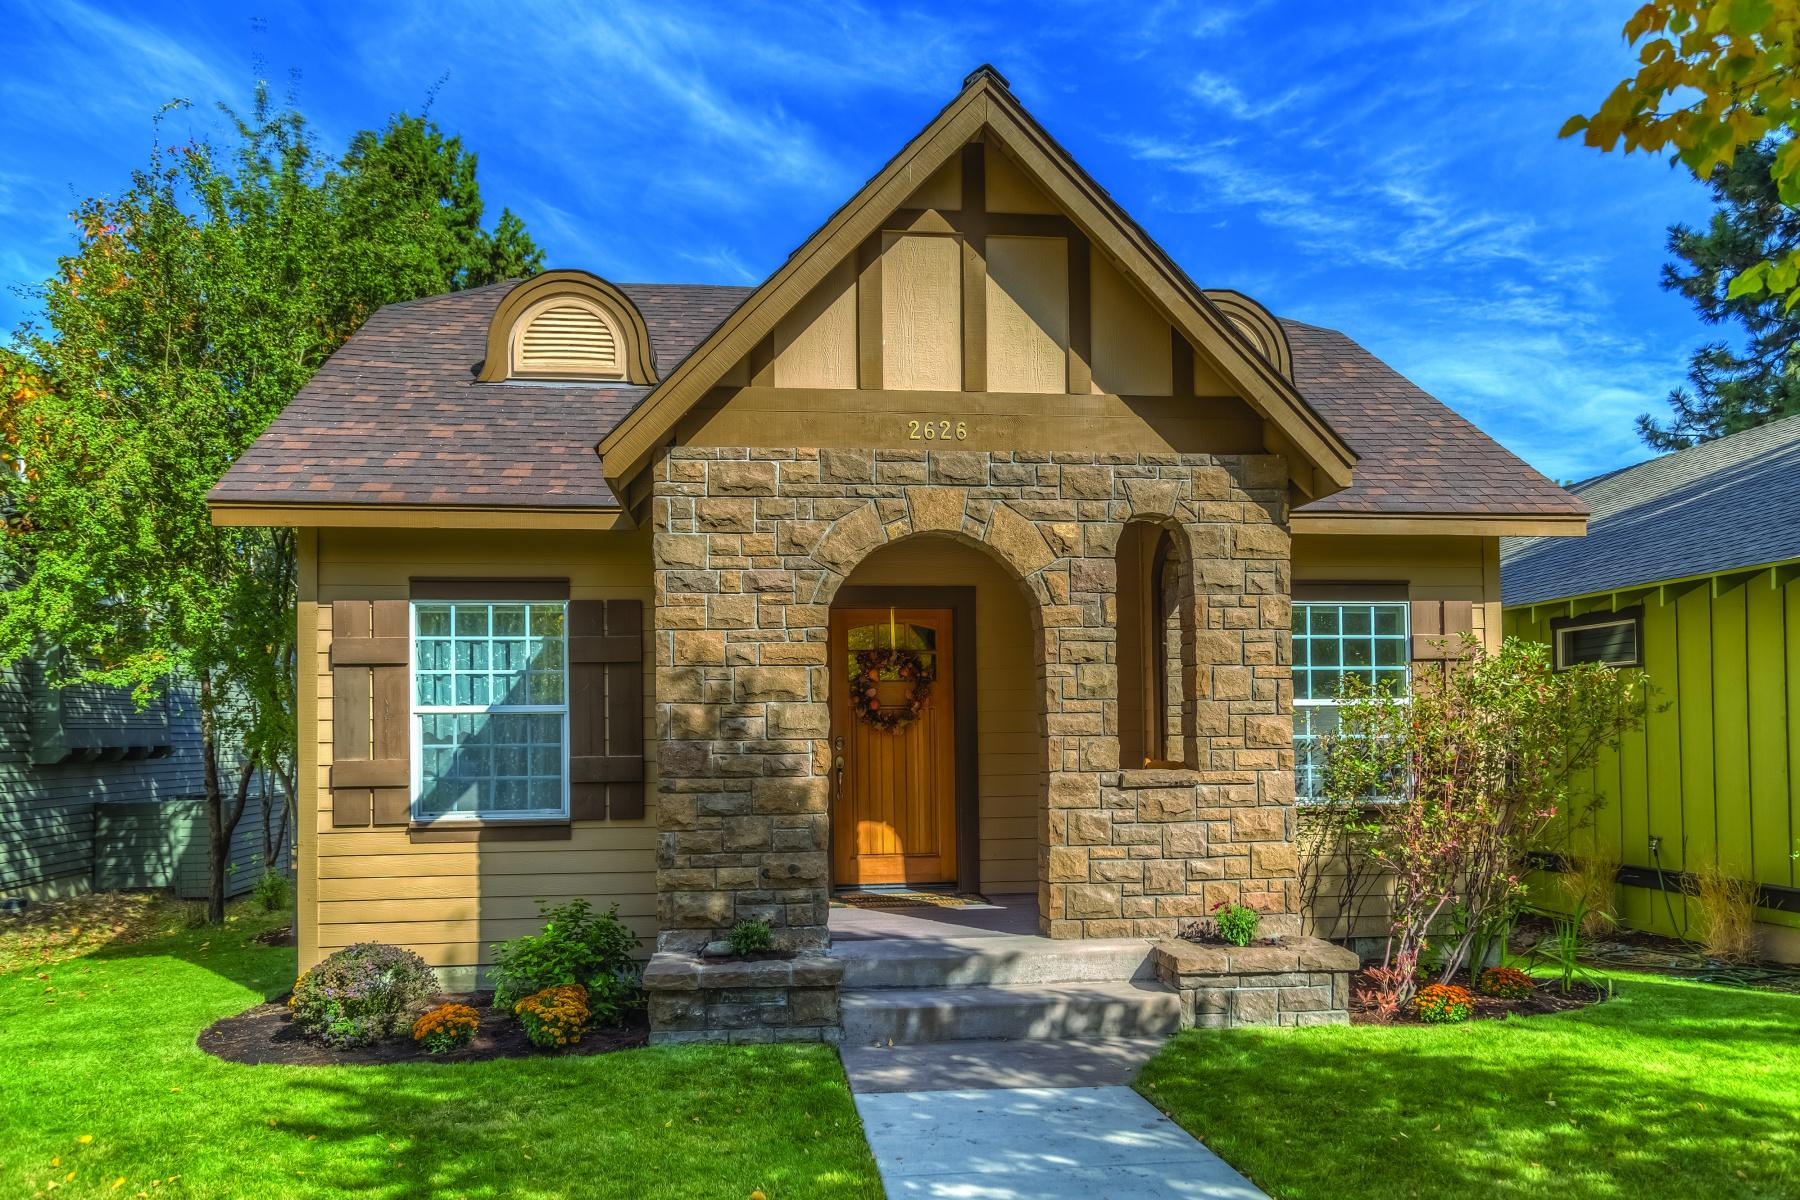 一戸建て のために 売買 アット NorthWest Crossing Tudor 2626 NW Ordway Ave Bend, オレゴン 97701 アメリカ合衆国